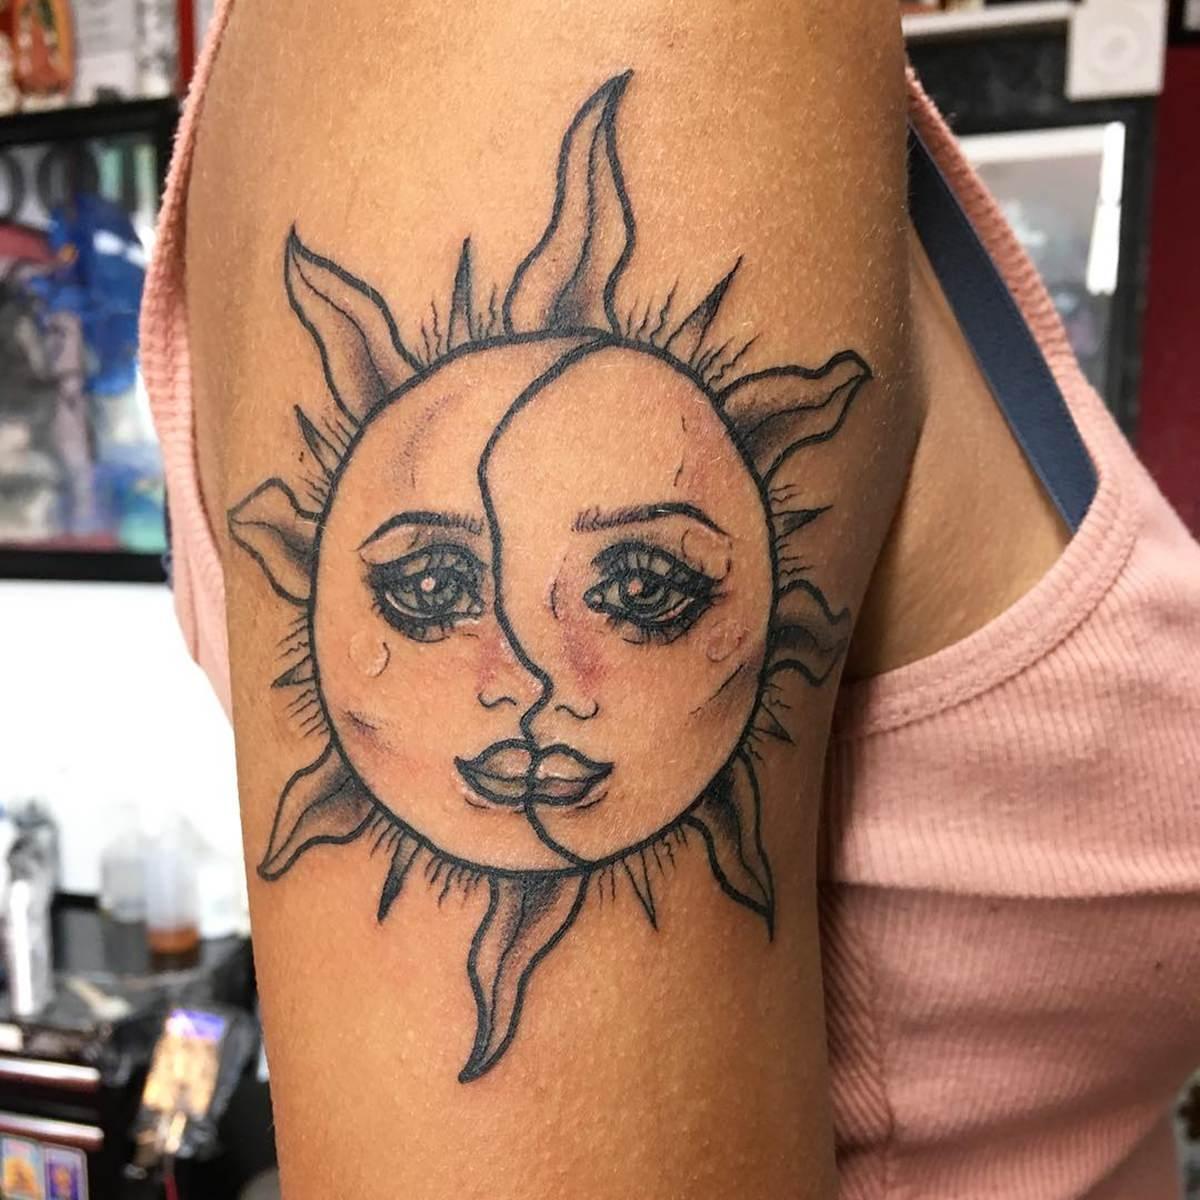 Tatuagem mística do sol no braço